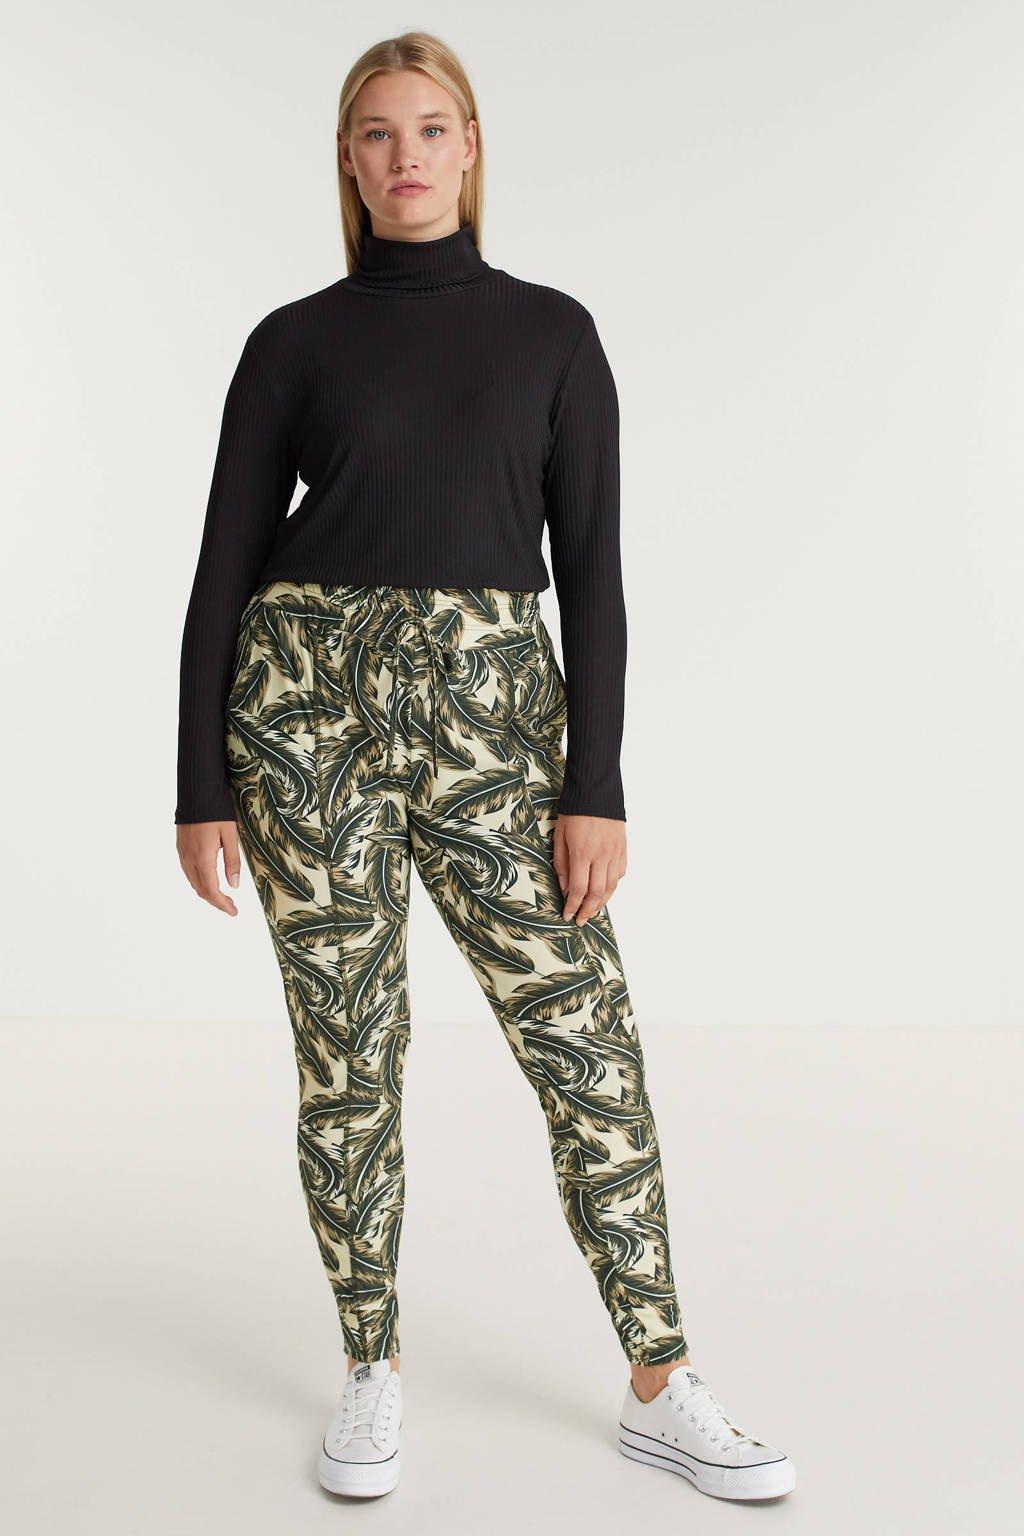 Exxcellent skinny broek Paris van travelstof met bladprint zand/gewassengroen, Zand/gewassengroen